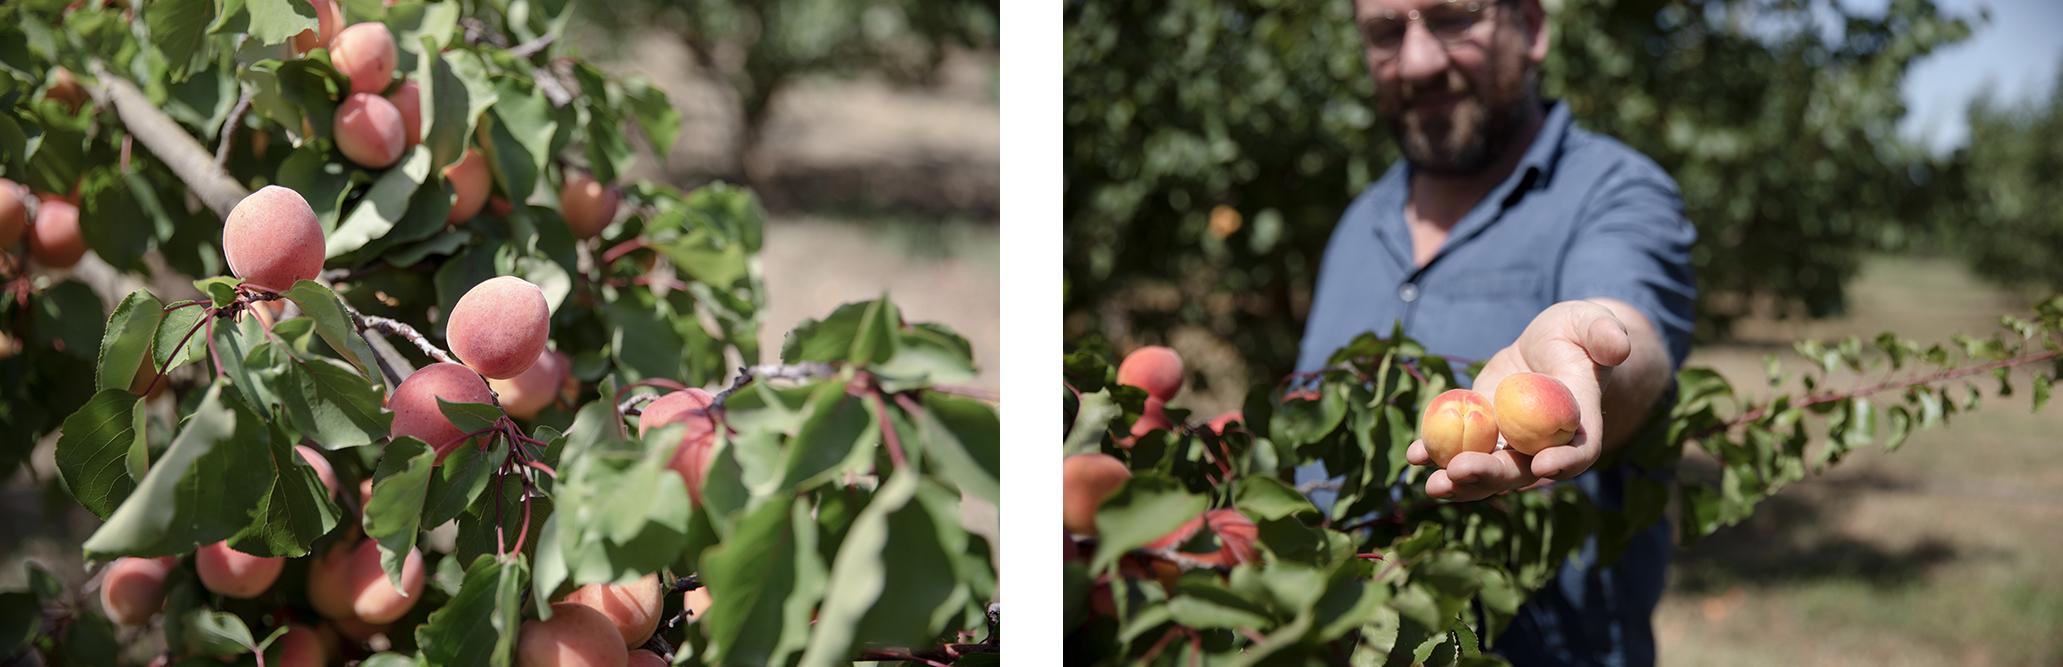 ceuillète abricots Argelès-sur-Mer